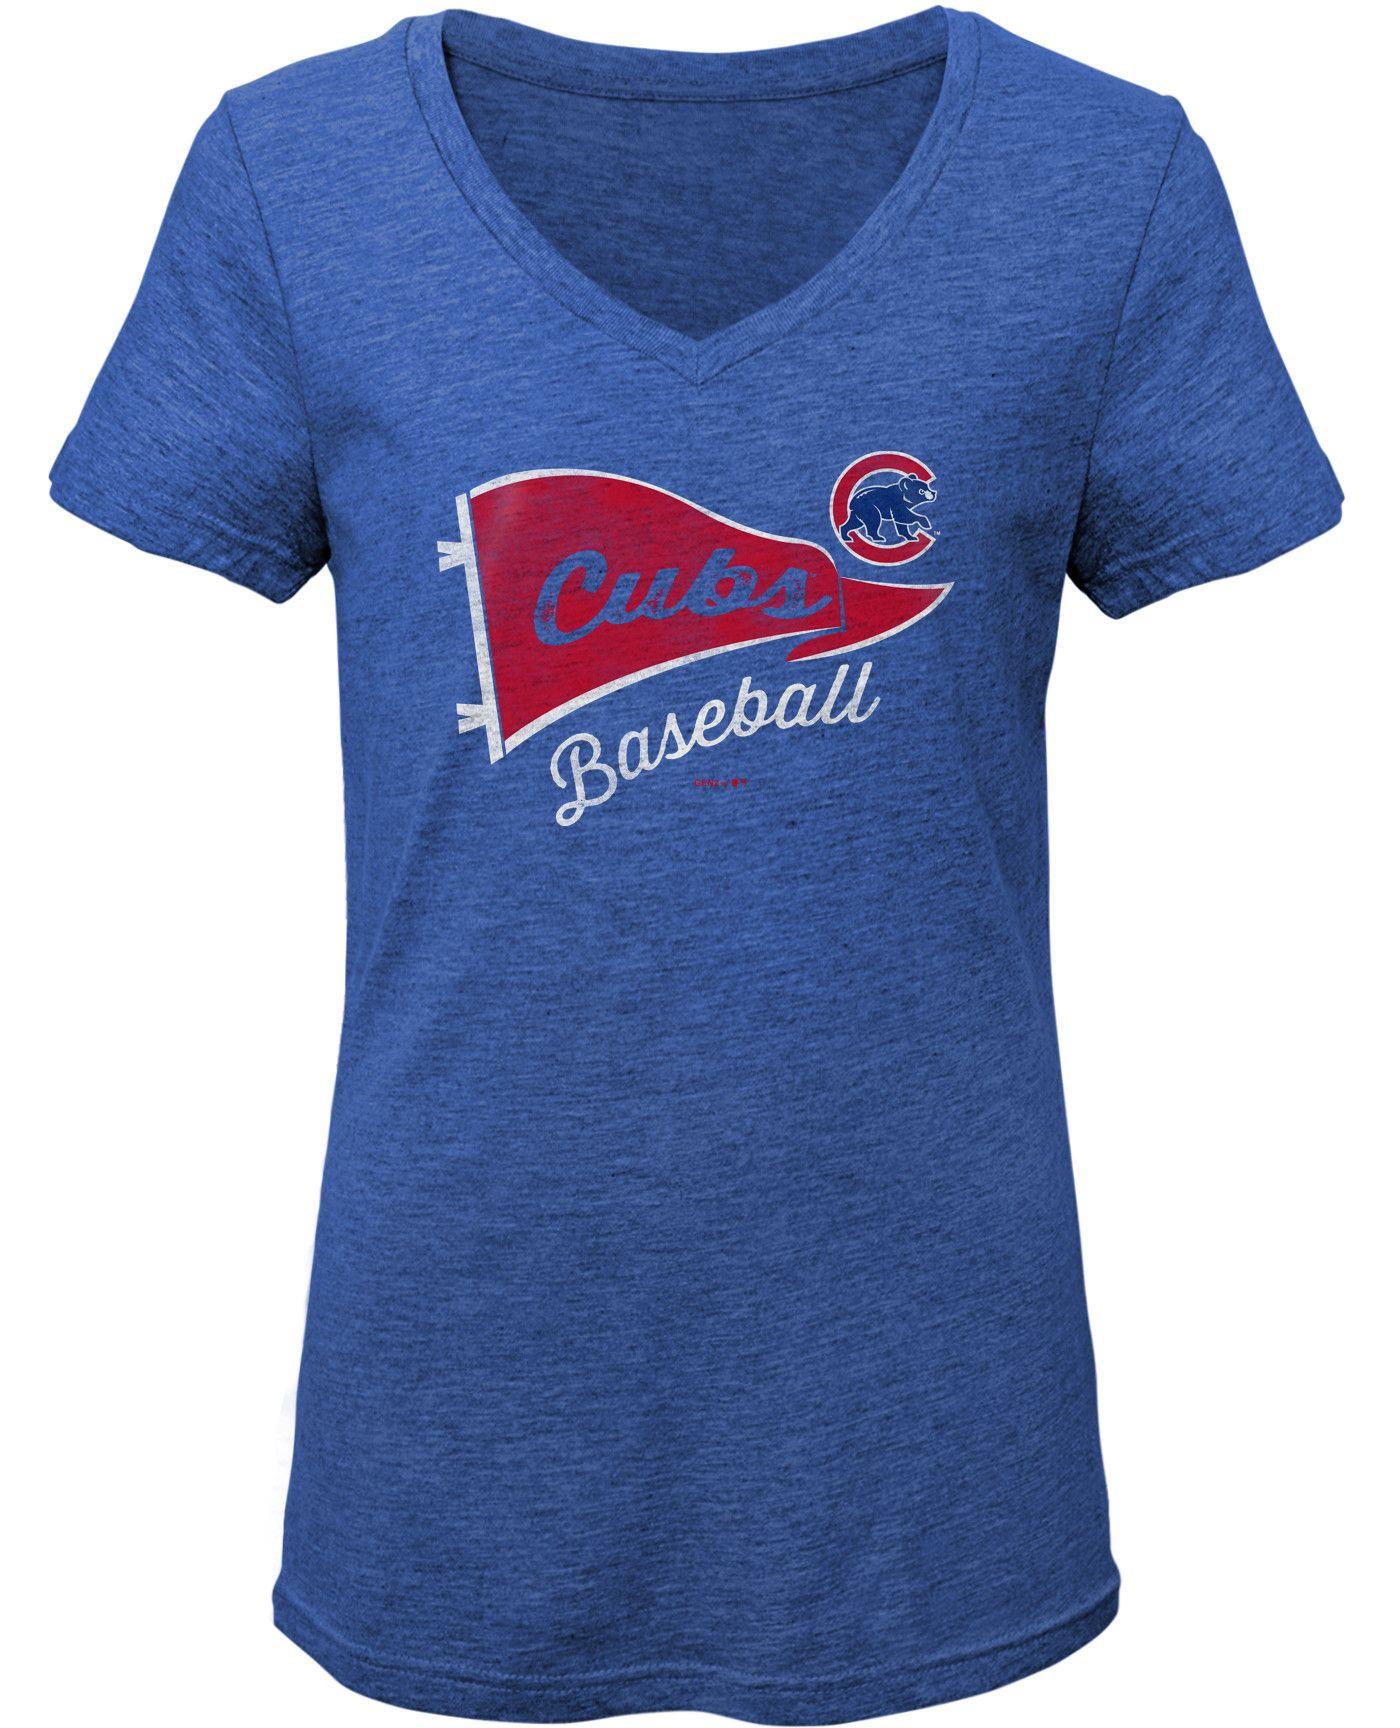 Gen2 Youth Girls' Chicago Cubs Tri-Blend V-Neck T-Shirt